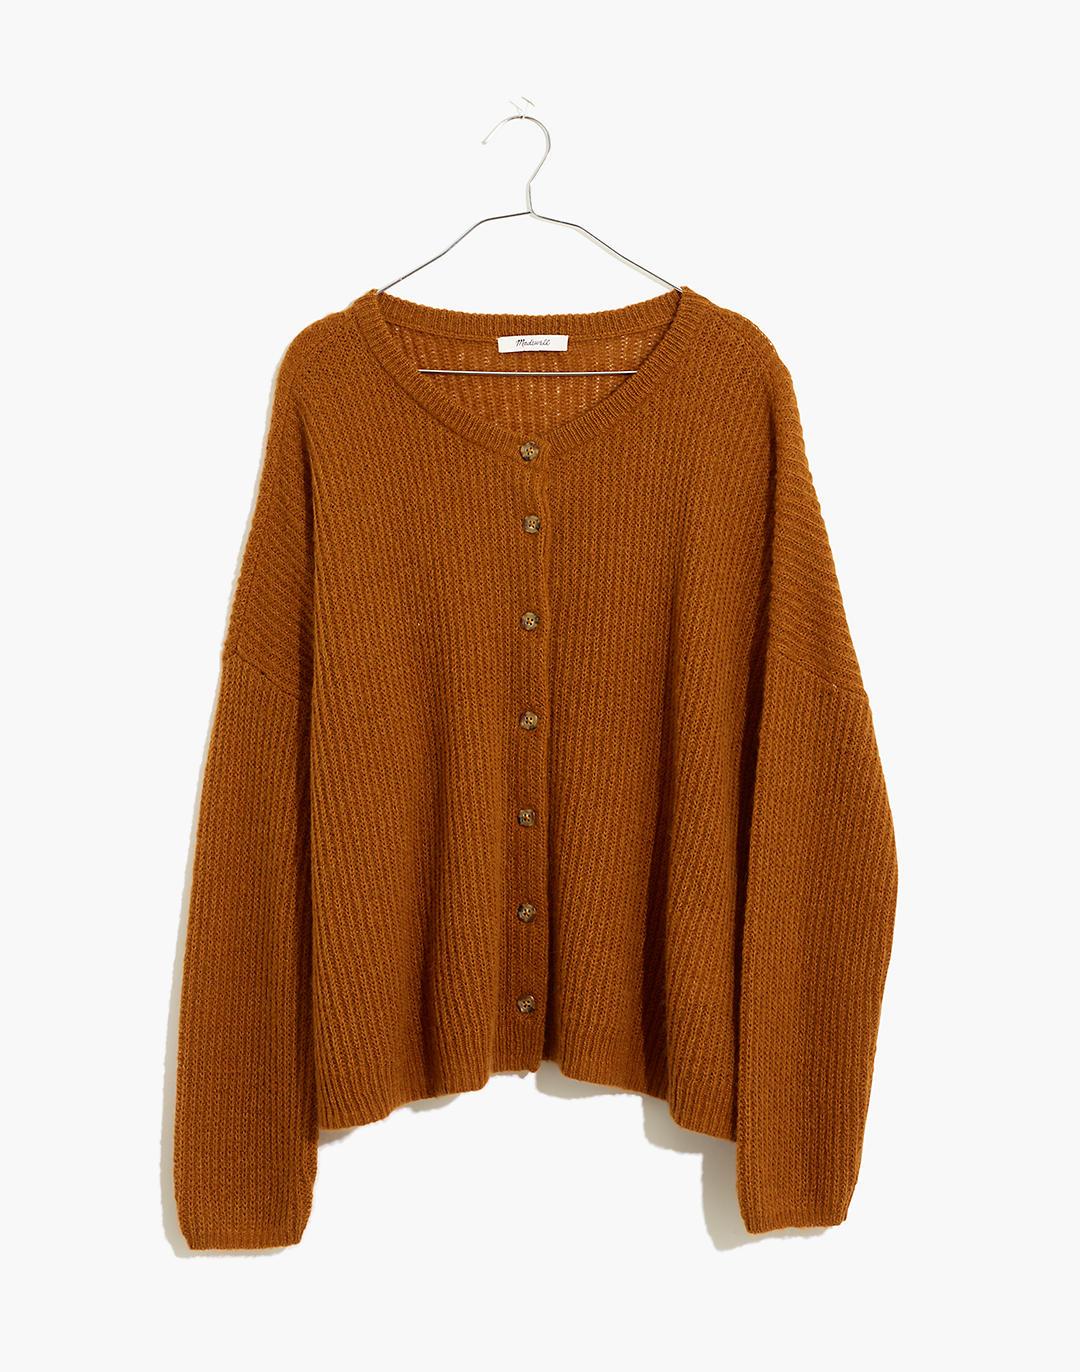 Bellaire Cardigan Sweater in golden pecan image 5